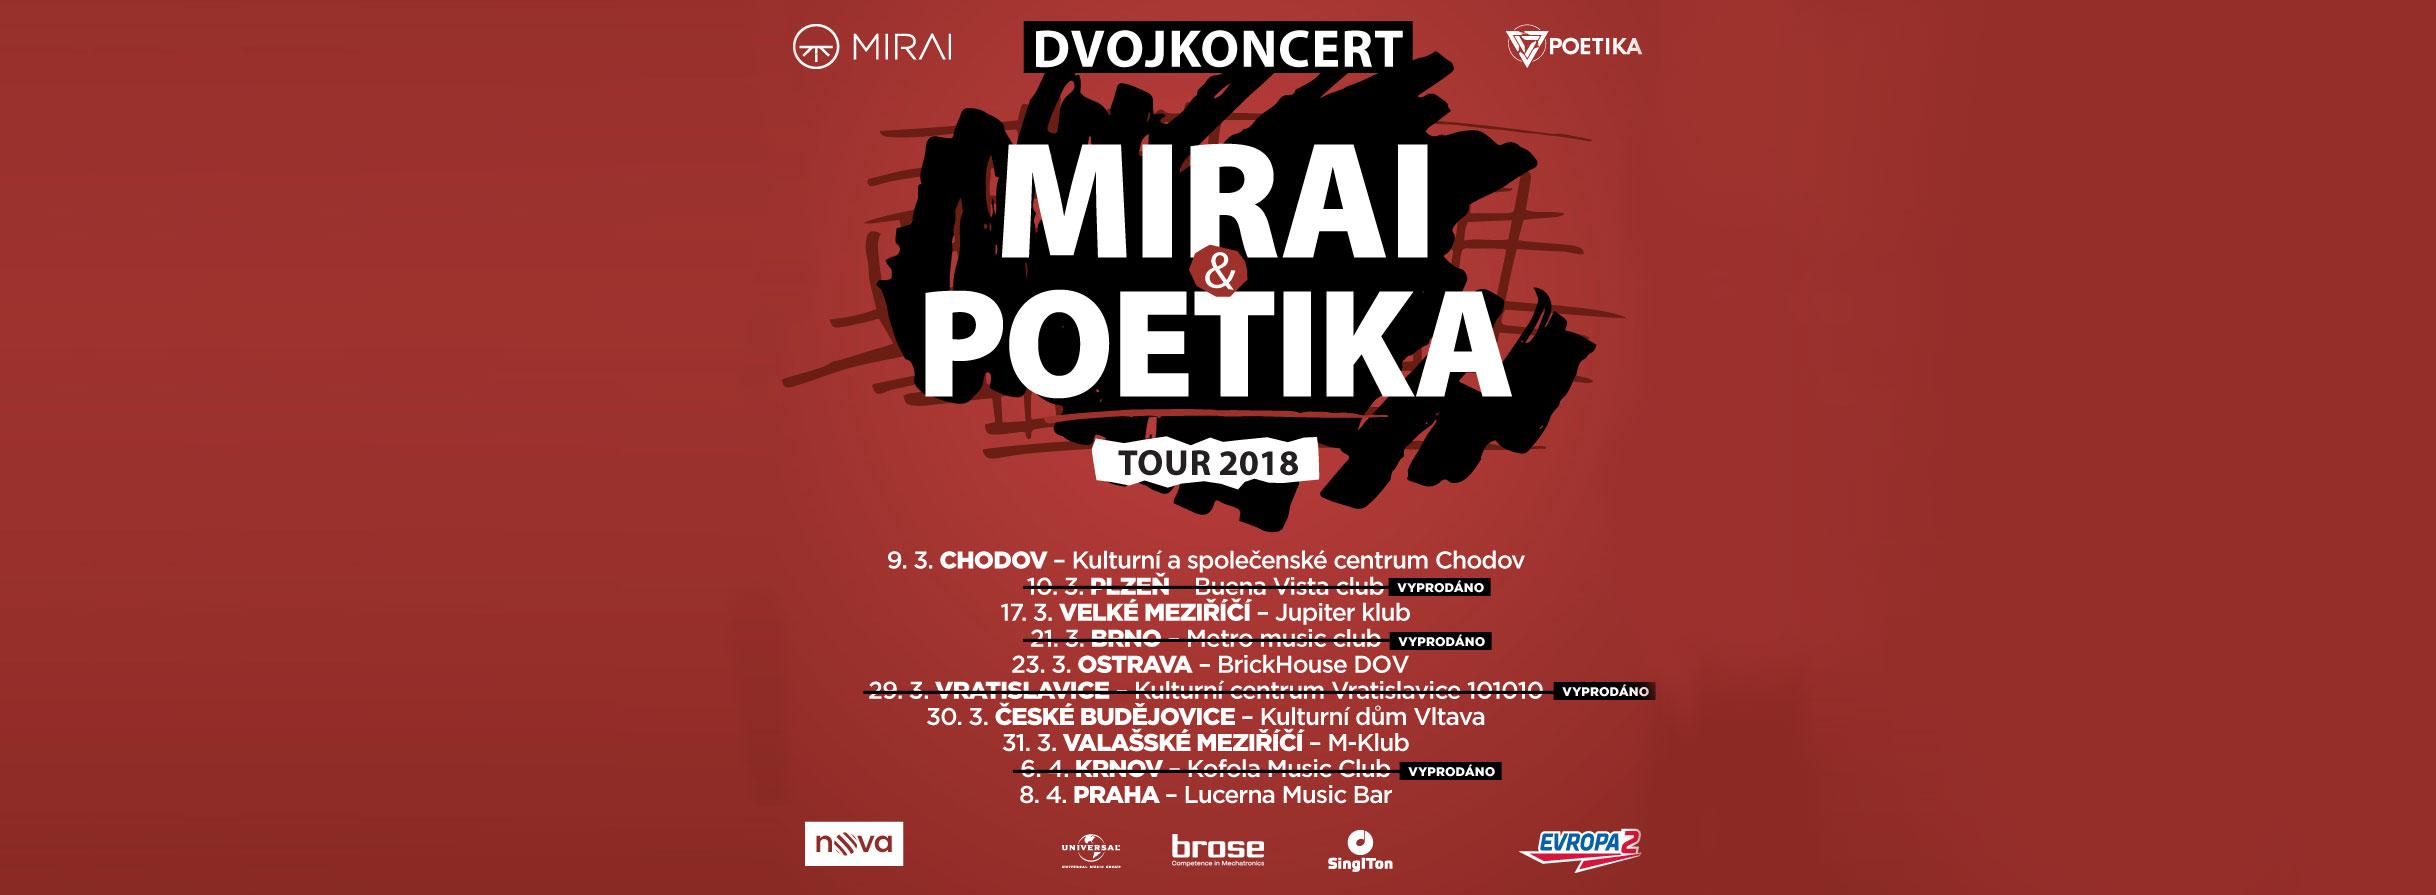 Mirai Poetika Tour 2018